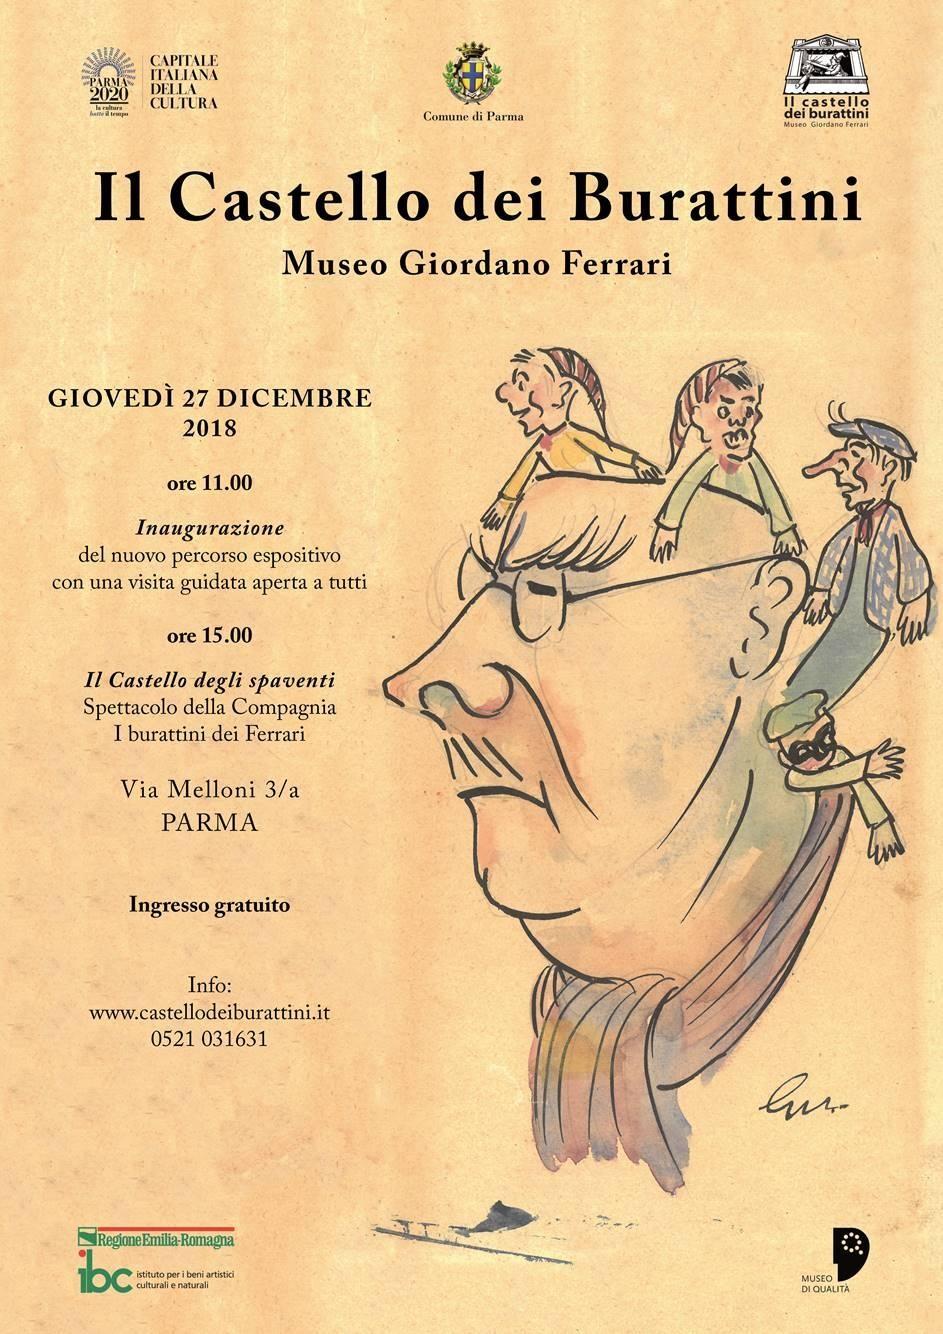 Riapertura Castello dei Burattini - Museo Giordano Ferrari